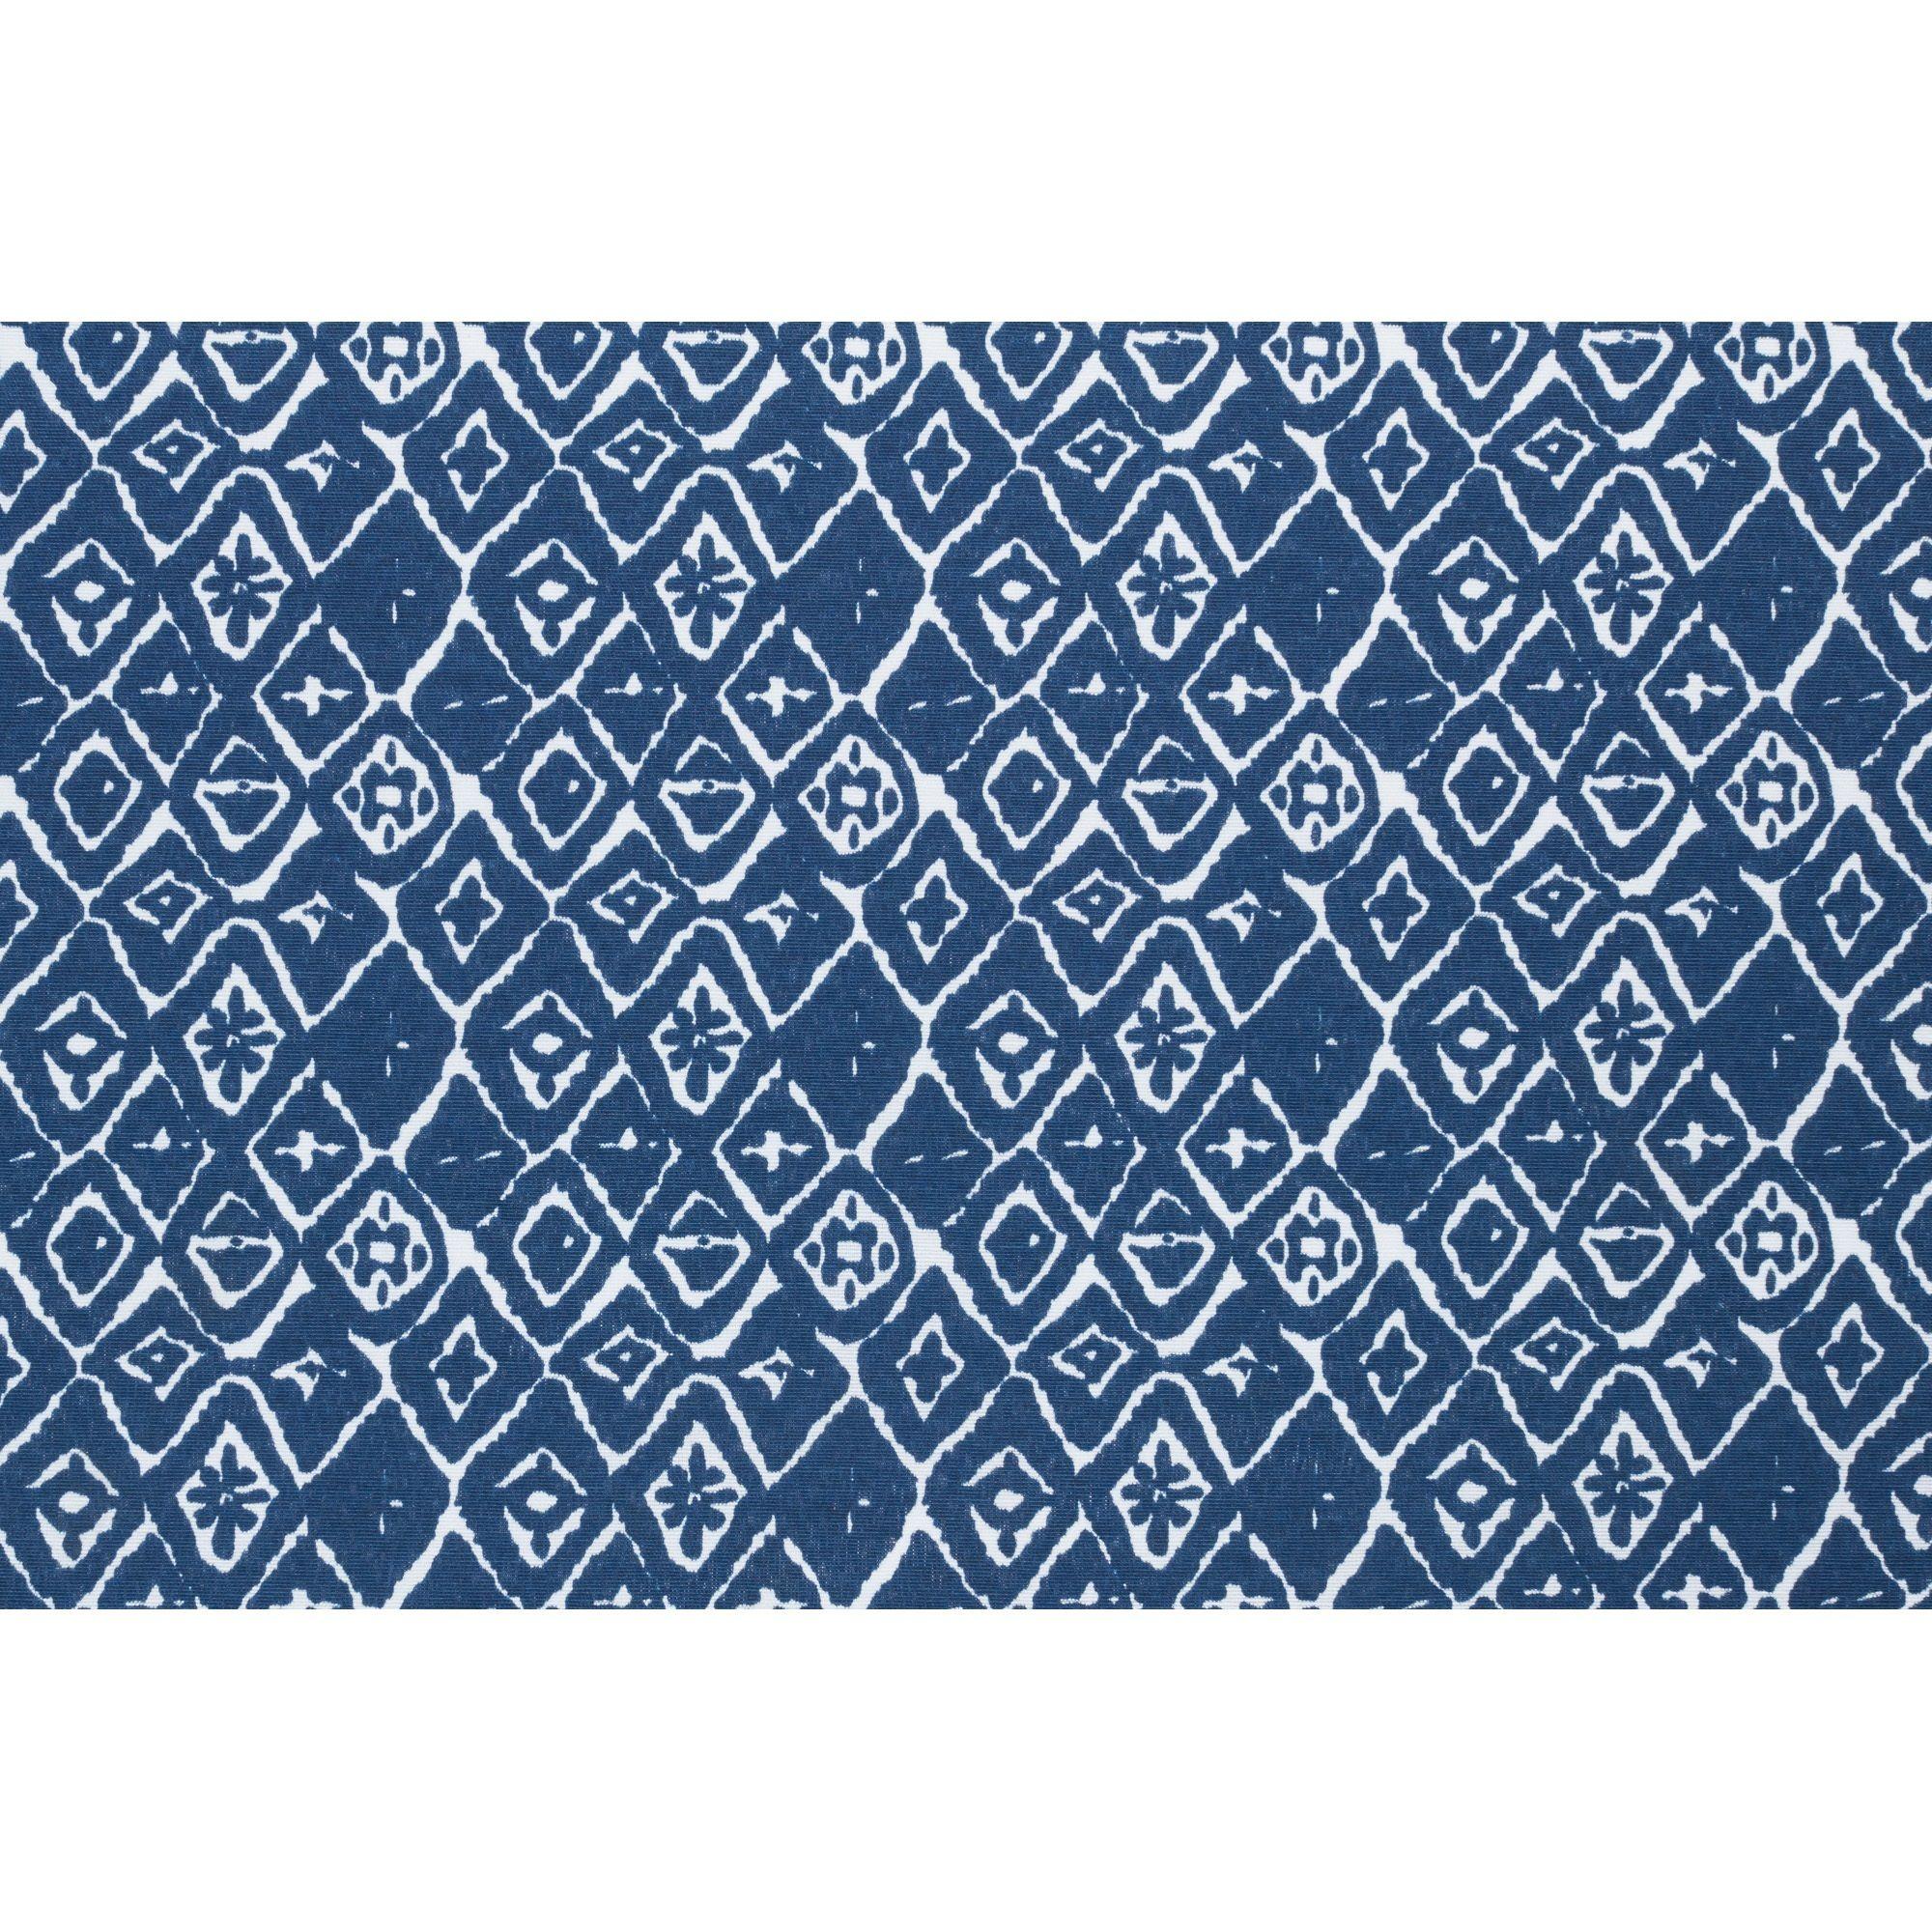 Stof met ruitdessin. Kleur: blauw. 140 cm breed. Deze stof is ...